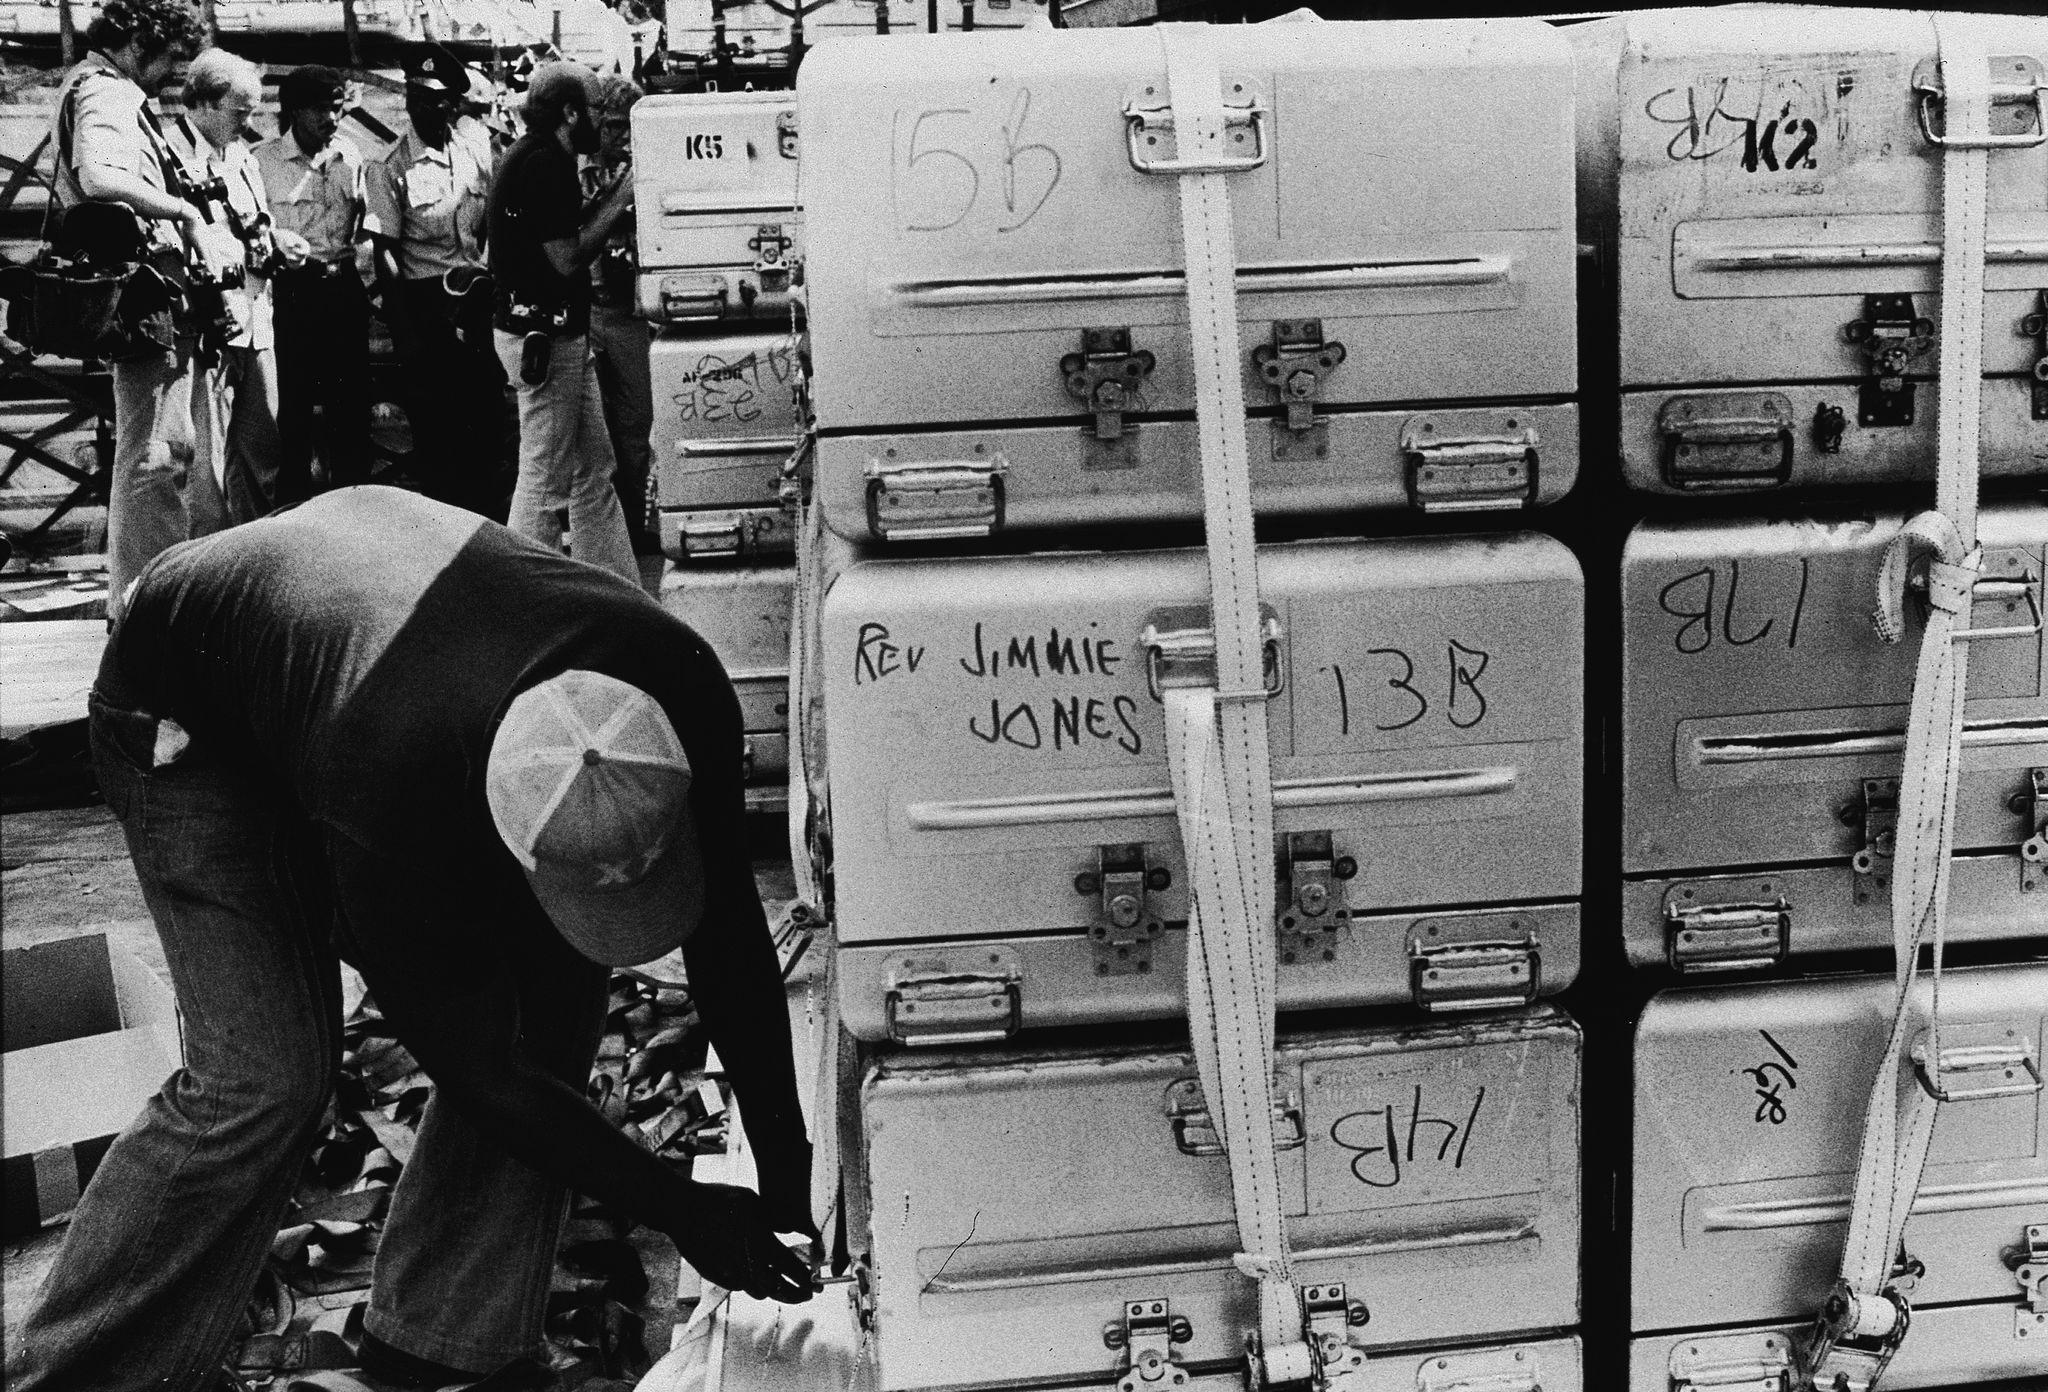 1978. Неизвестный мужчина готовит к отправке в Соединенные Штаты алюминиевые гробы с телами погибших, Джорджтаун, Гайана, 23 ноября.jpg